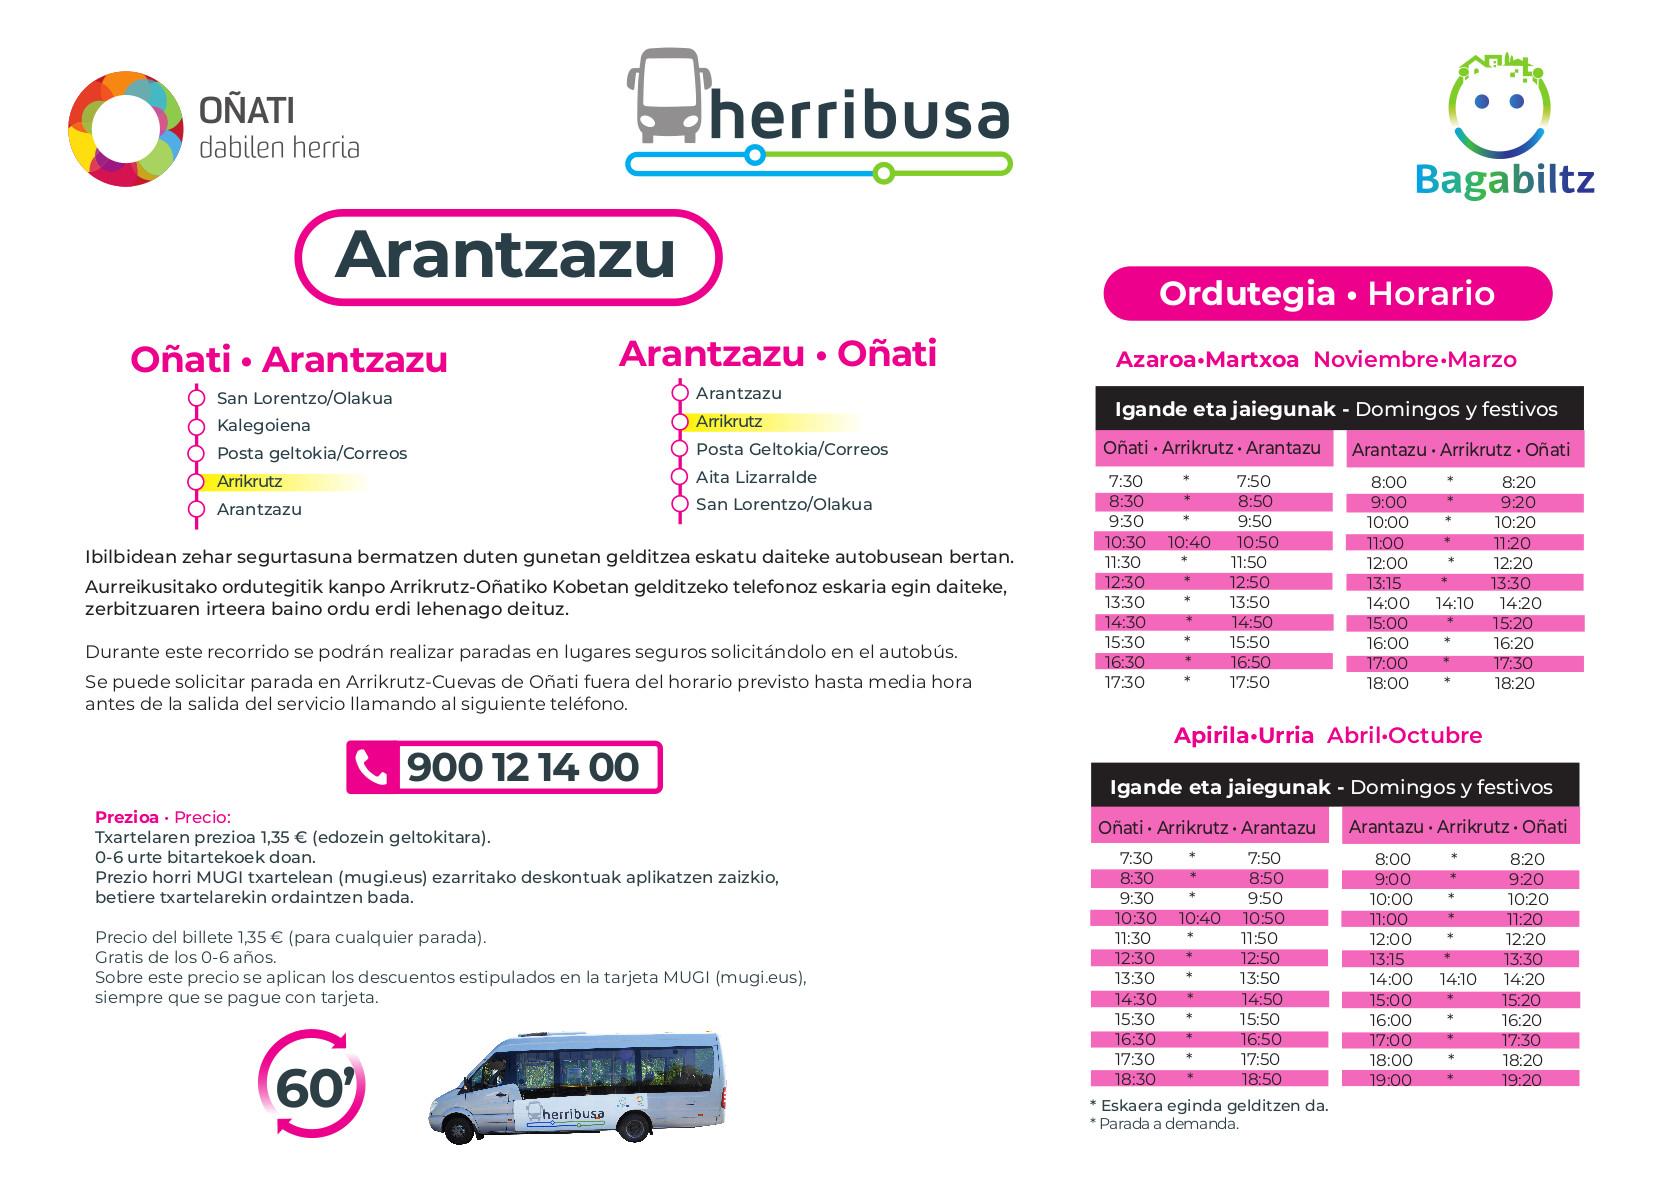 Arantzazu-Oñati busa - ordutegia